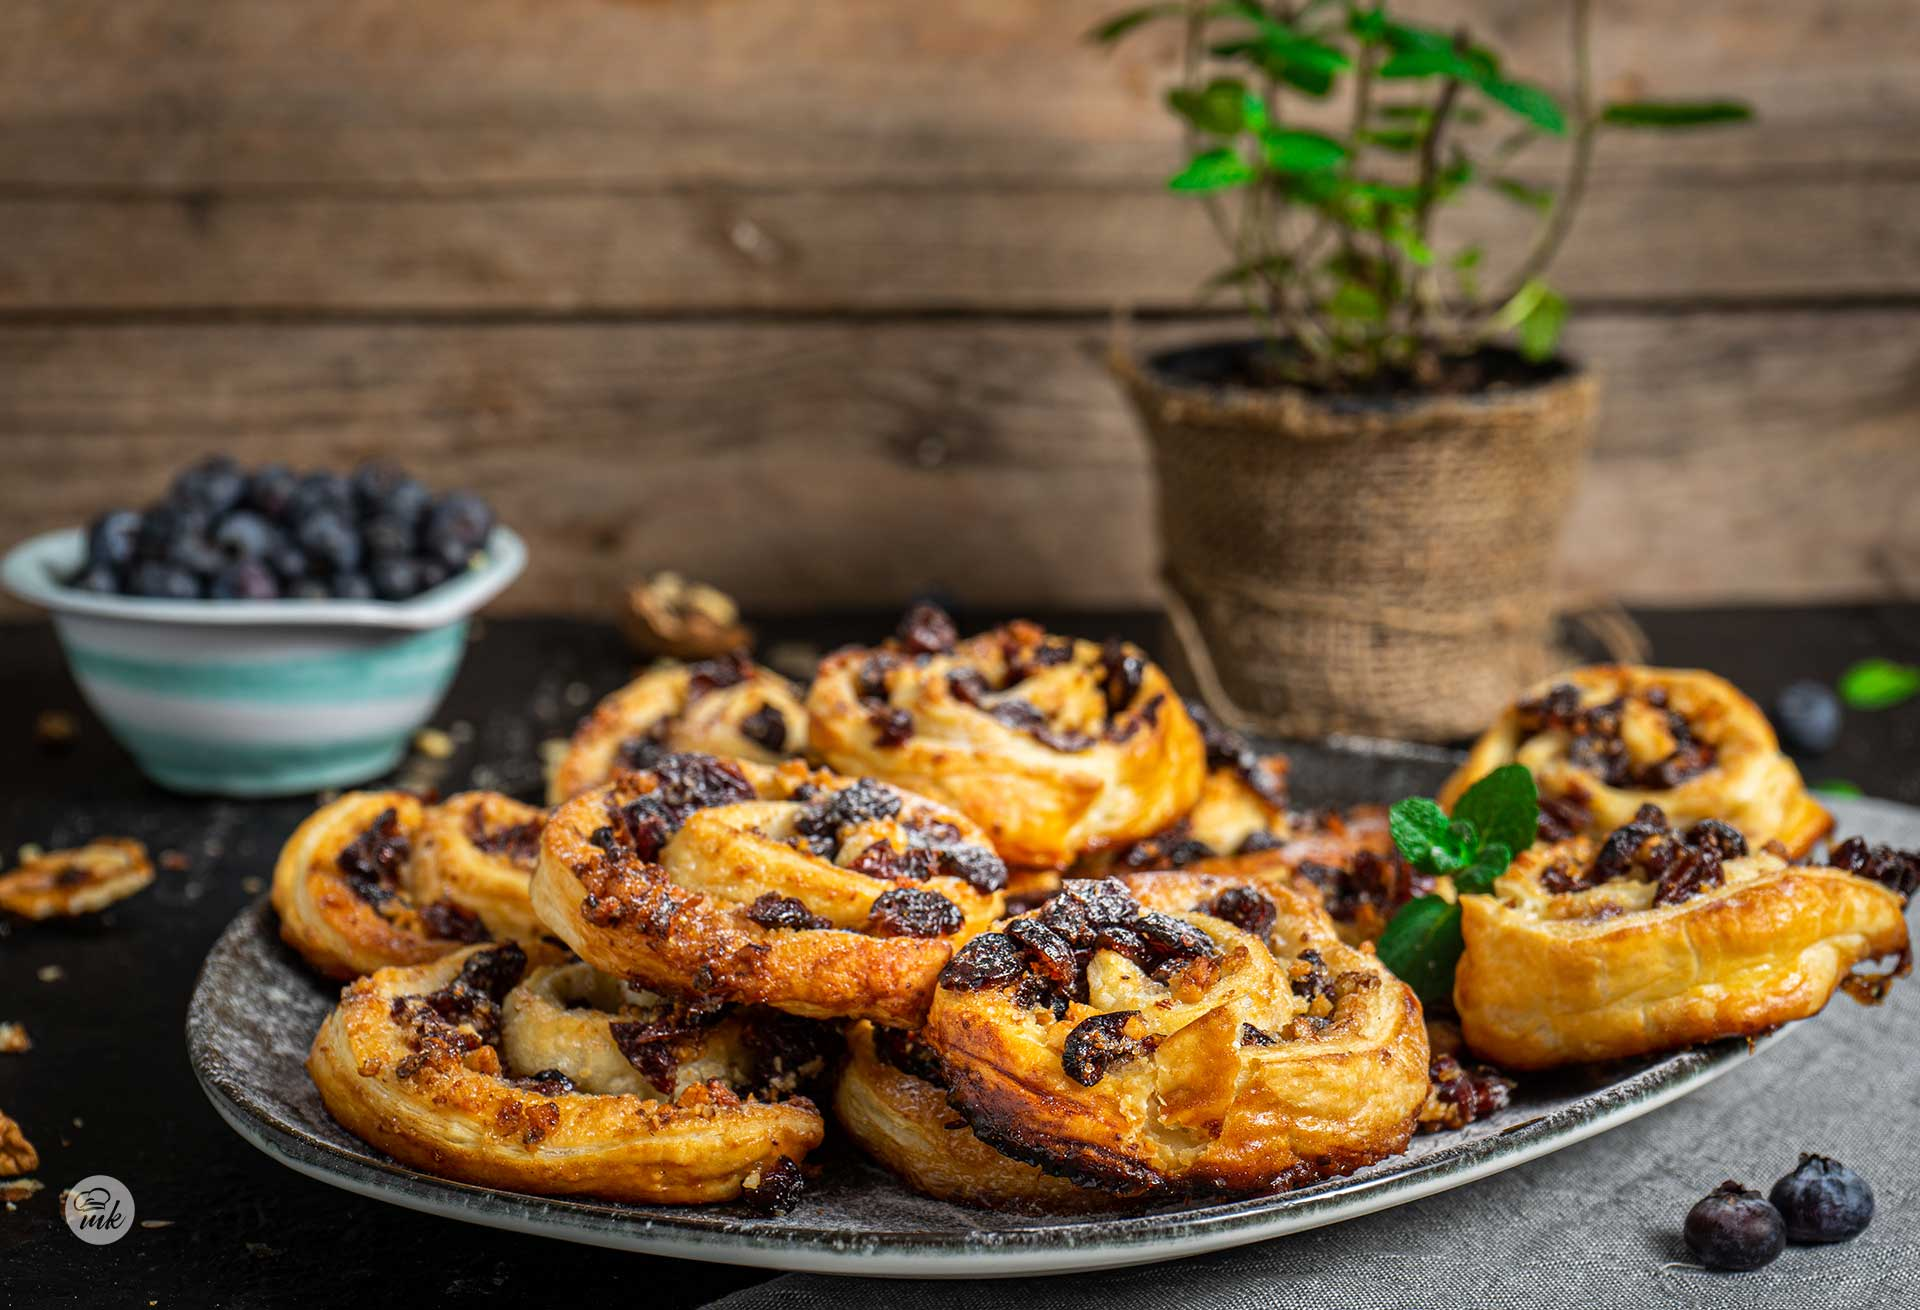 Охлювчета от бутер тесто с боровинки, сервирани в чиния, на заден фон с боровинки и мента, снимани отстрани